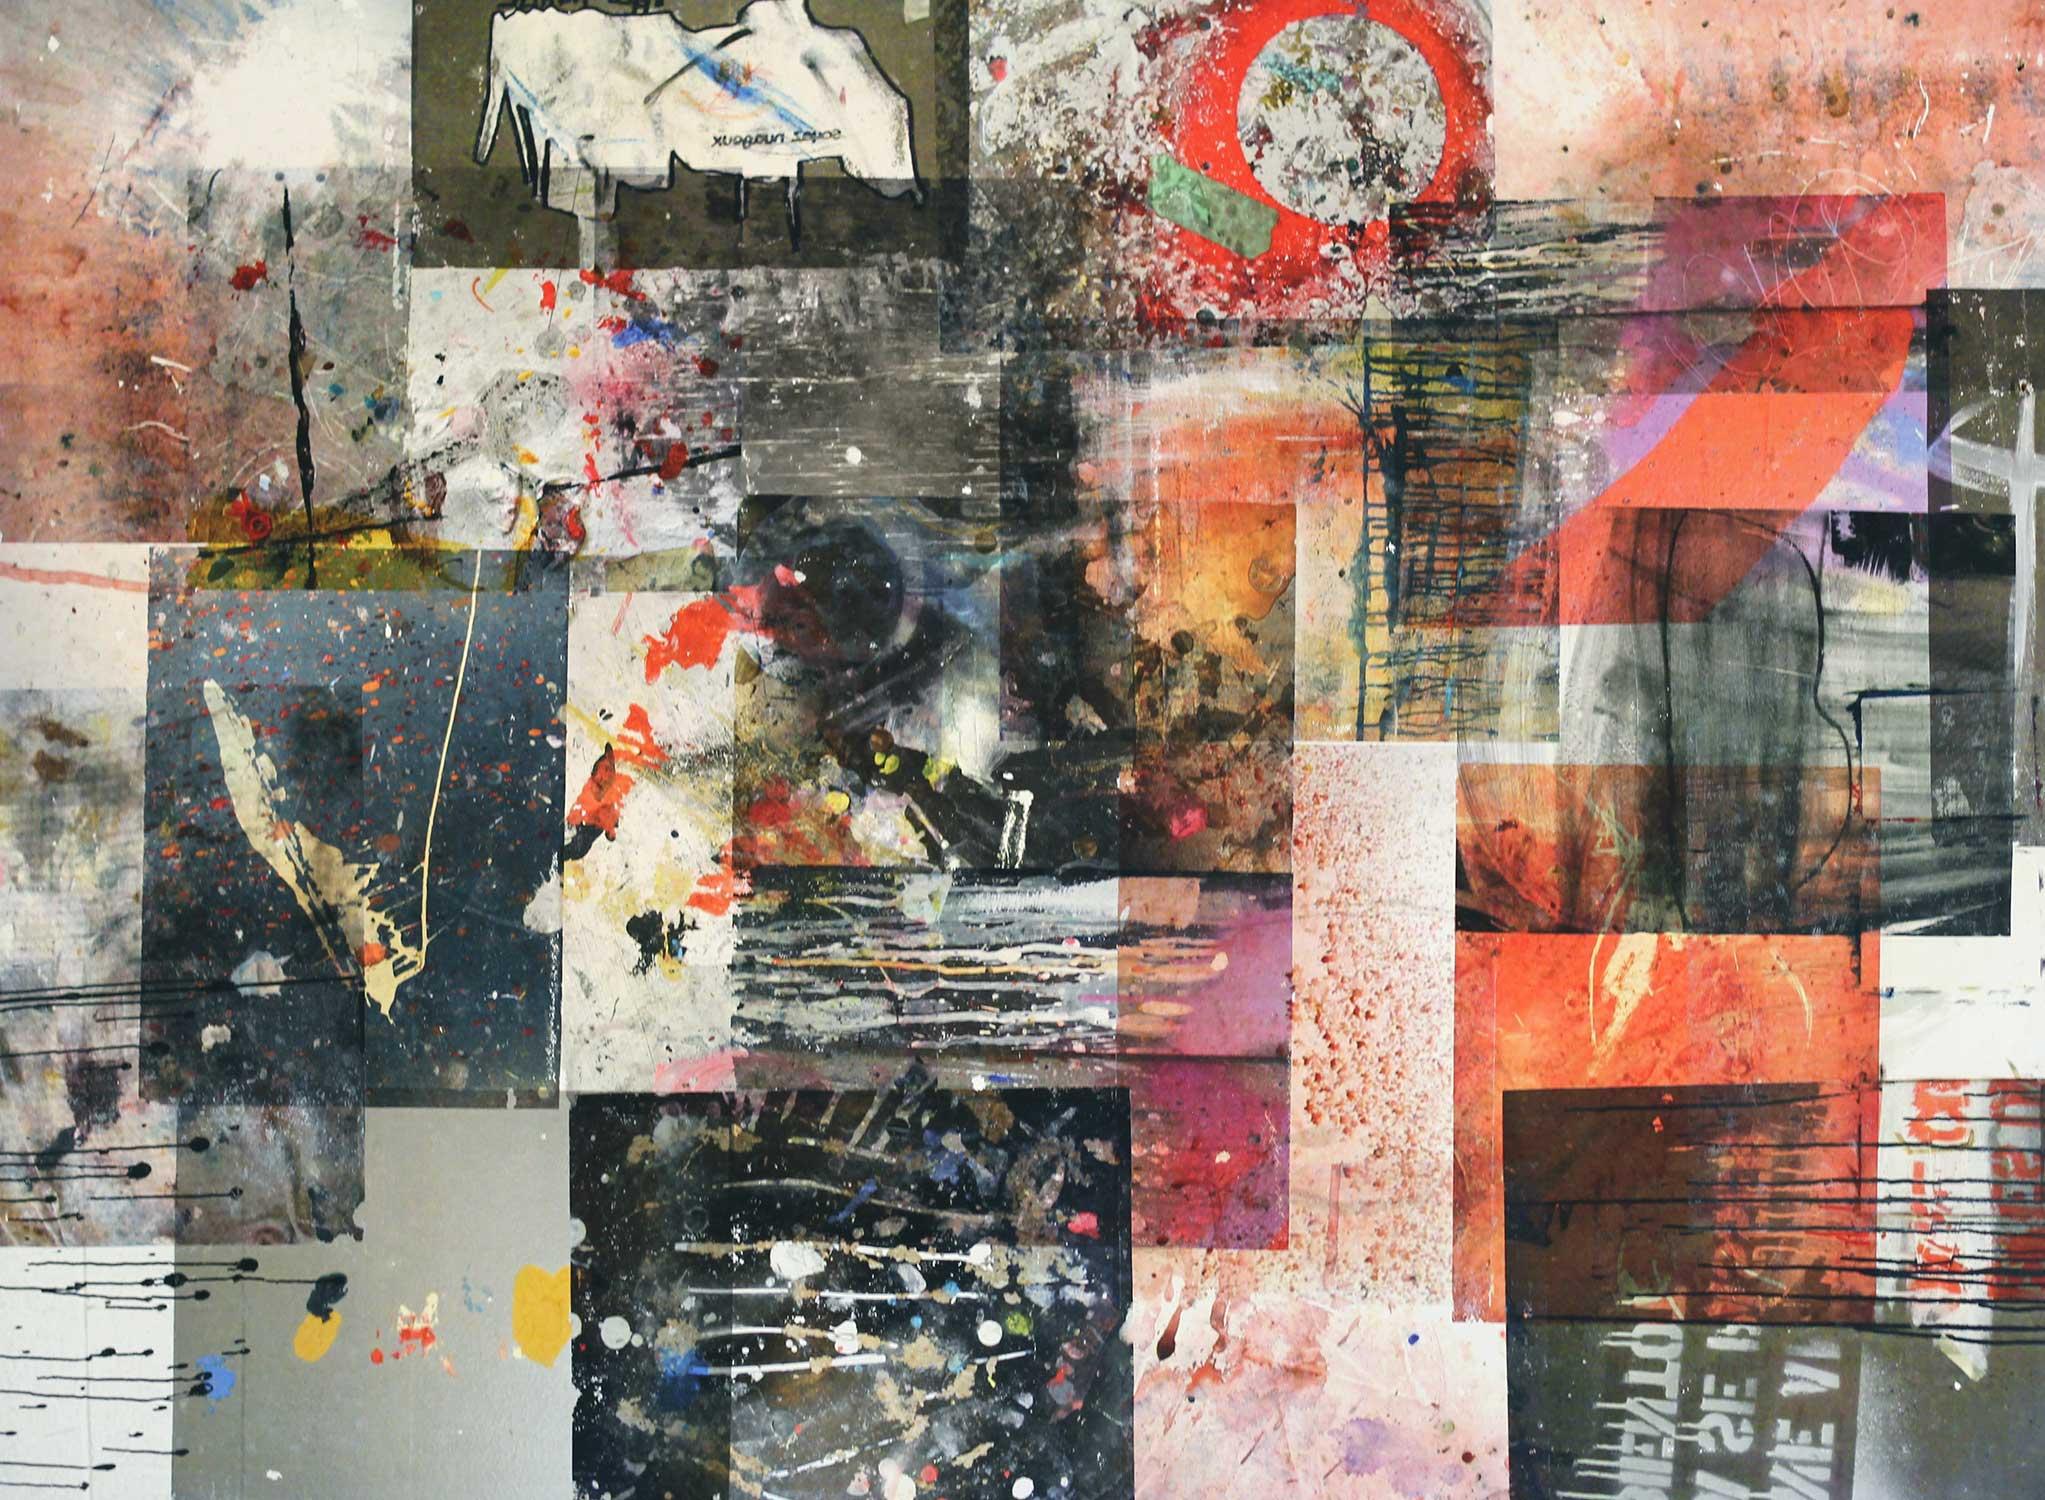 Peintures accidentelles, par Mélissande Lauzon